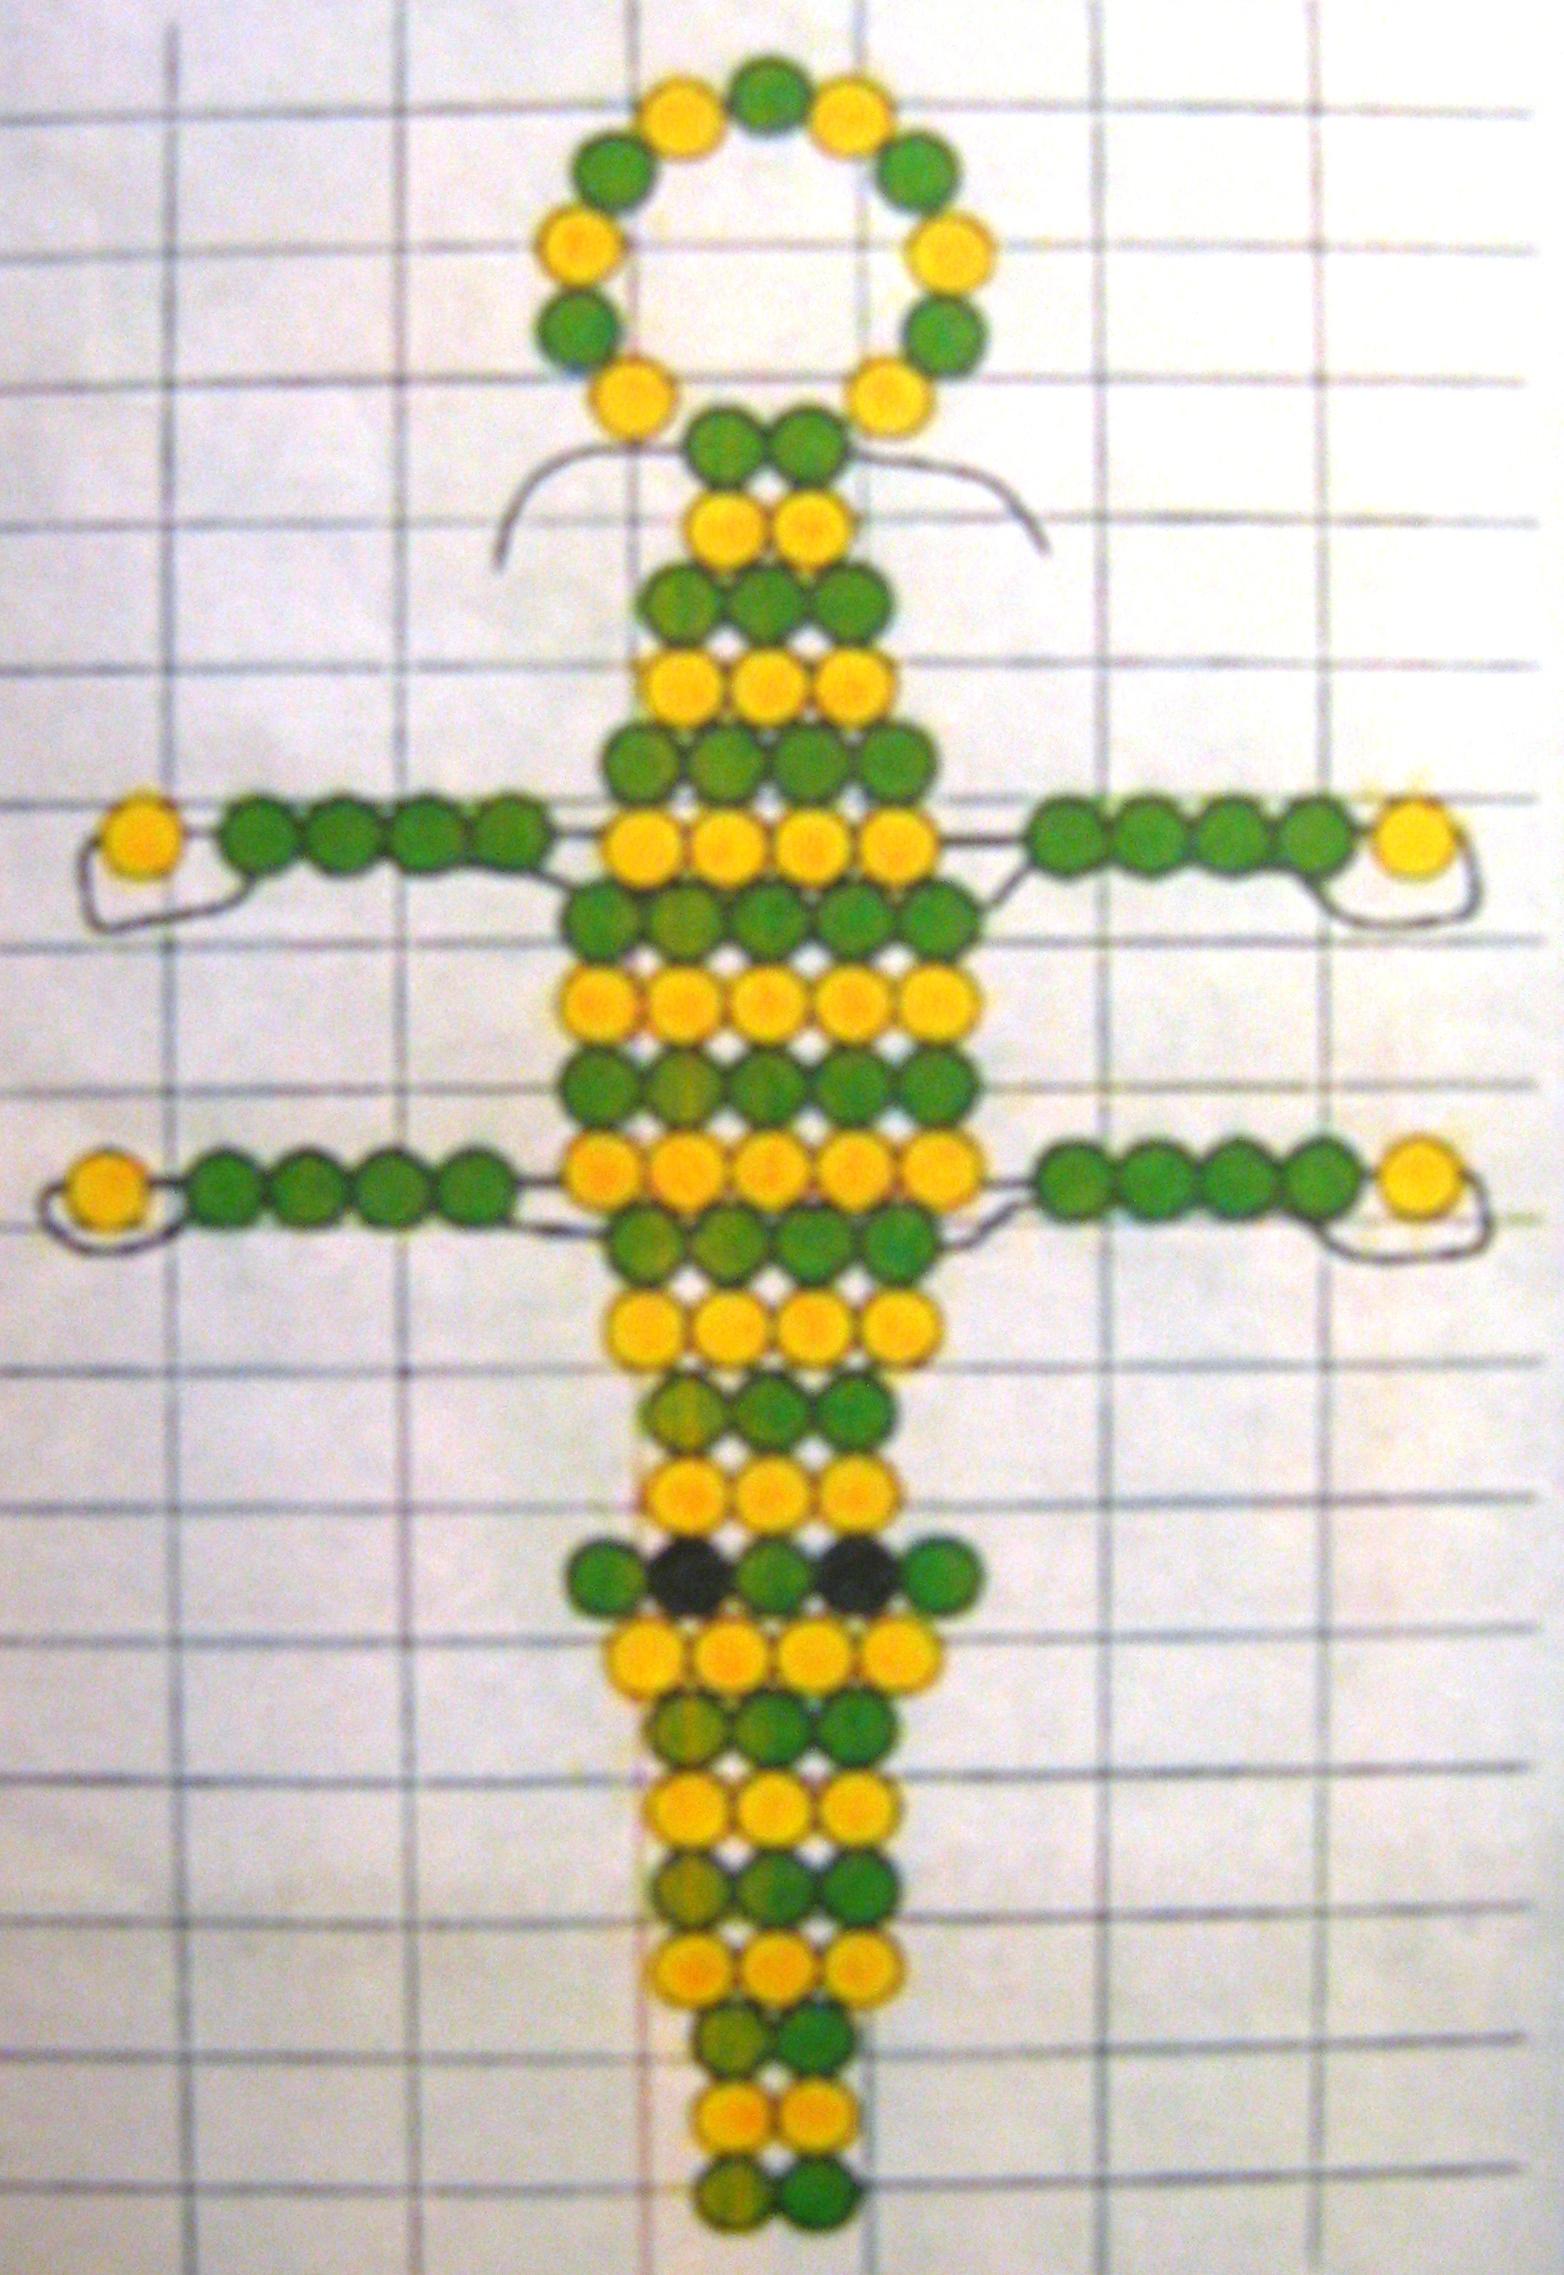 26 дек 2011 Подборка схем плетения брелков из бисера: енот, лягушка, божья коровка, бабочка, крокодил и пчела.